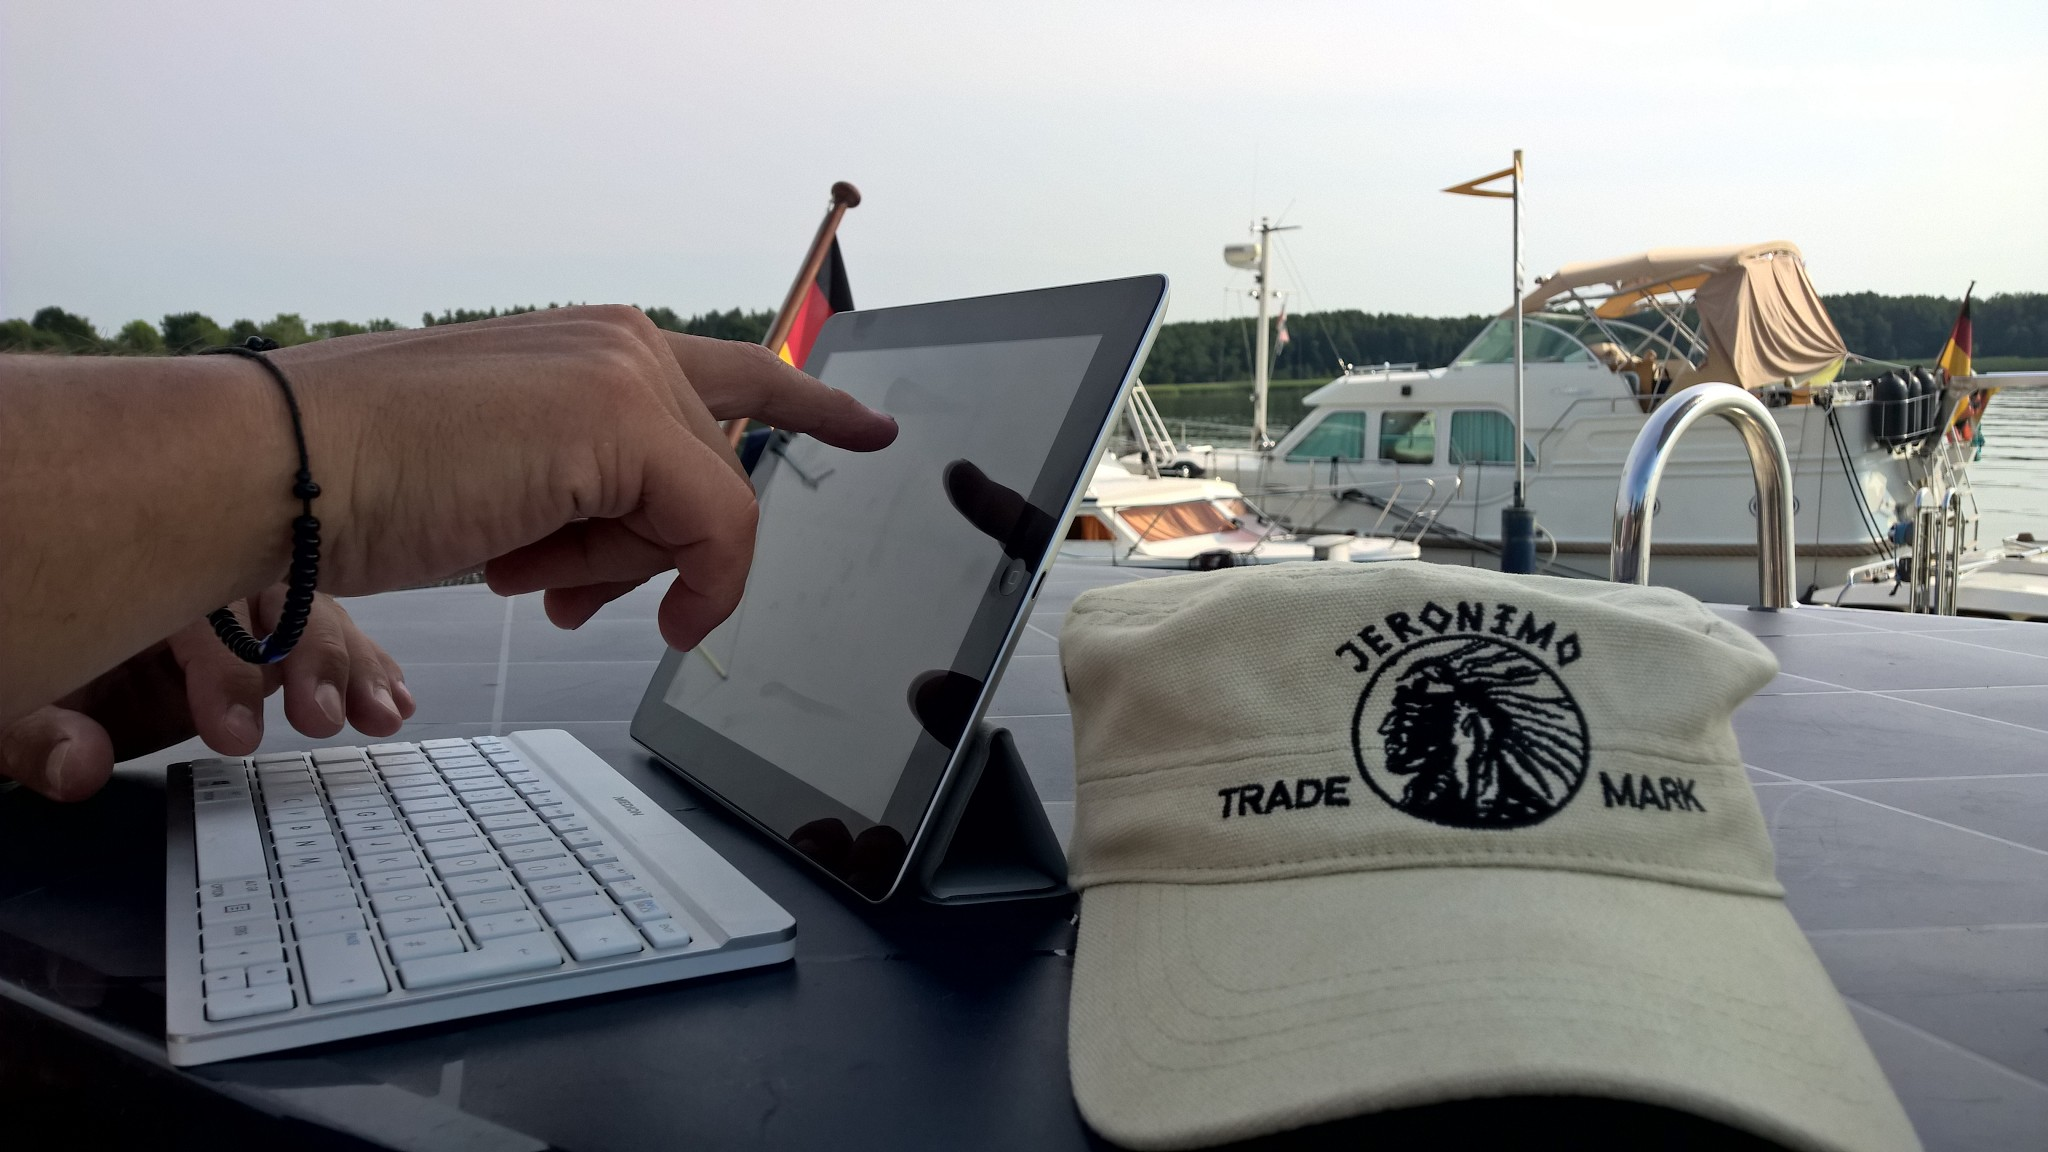 Mein Arbeitsplatz als Bootblogger 2016